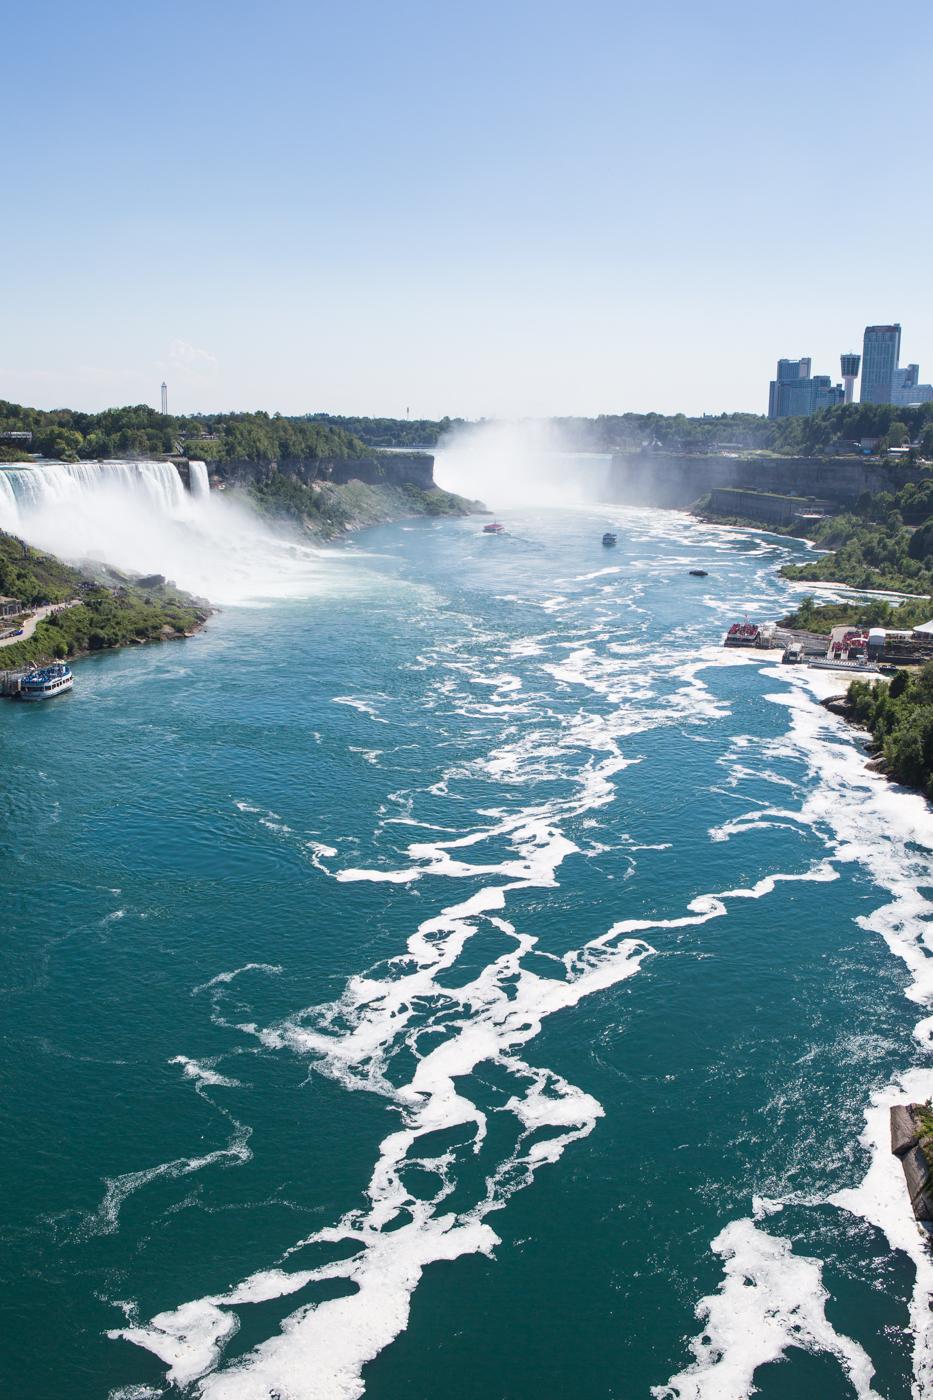 Bolandia_Blog_Montreal-Osheaga-Niagara-Falls-4145.jpg